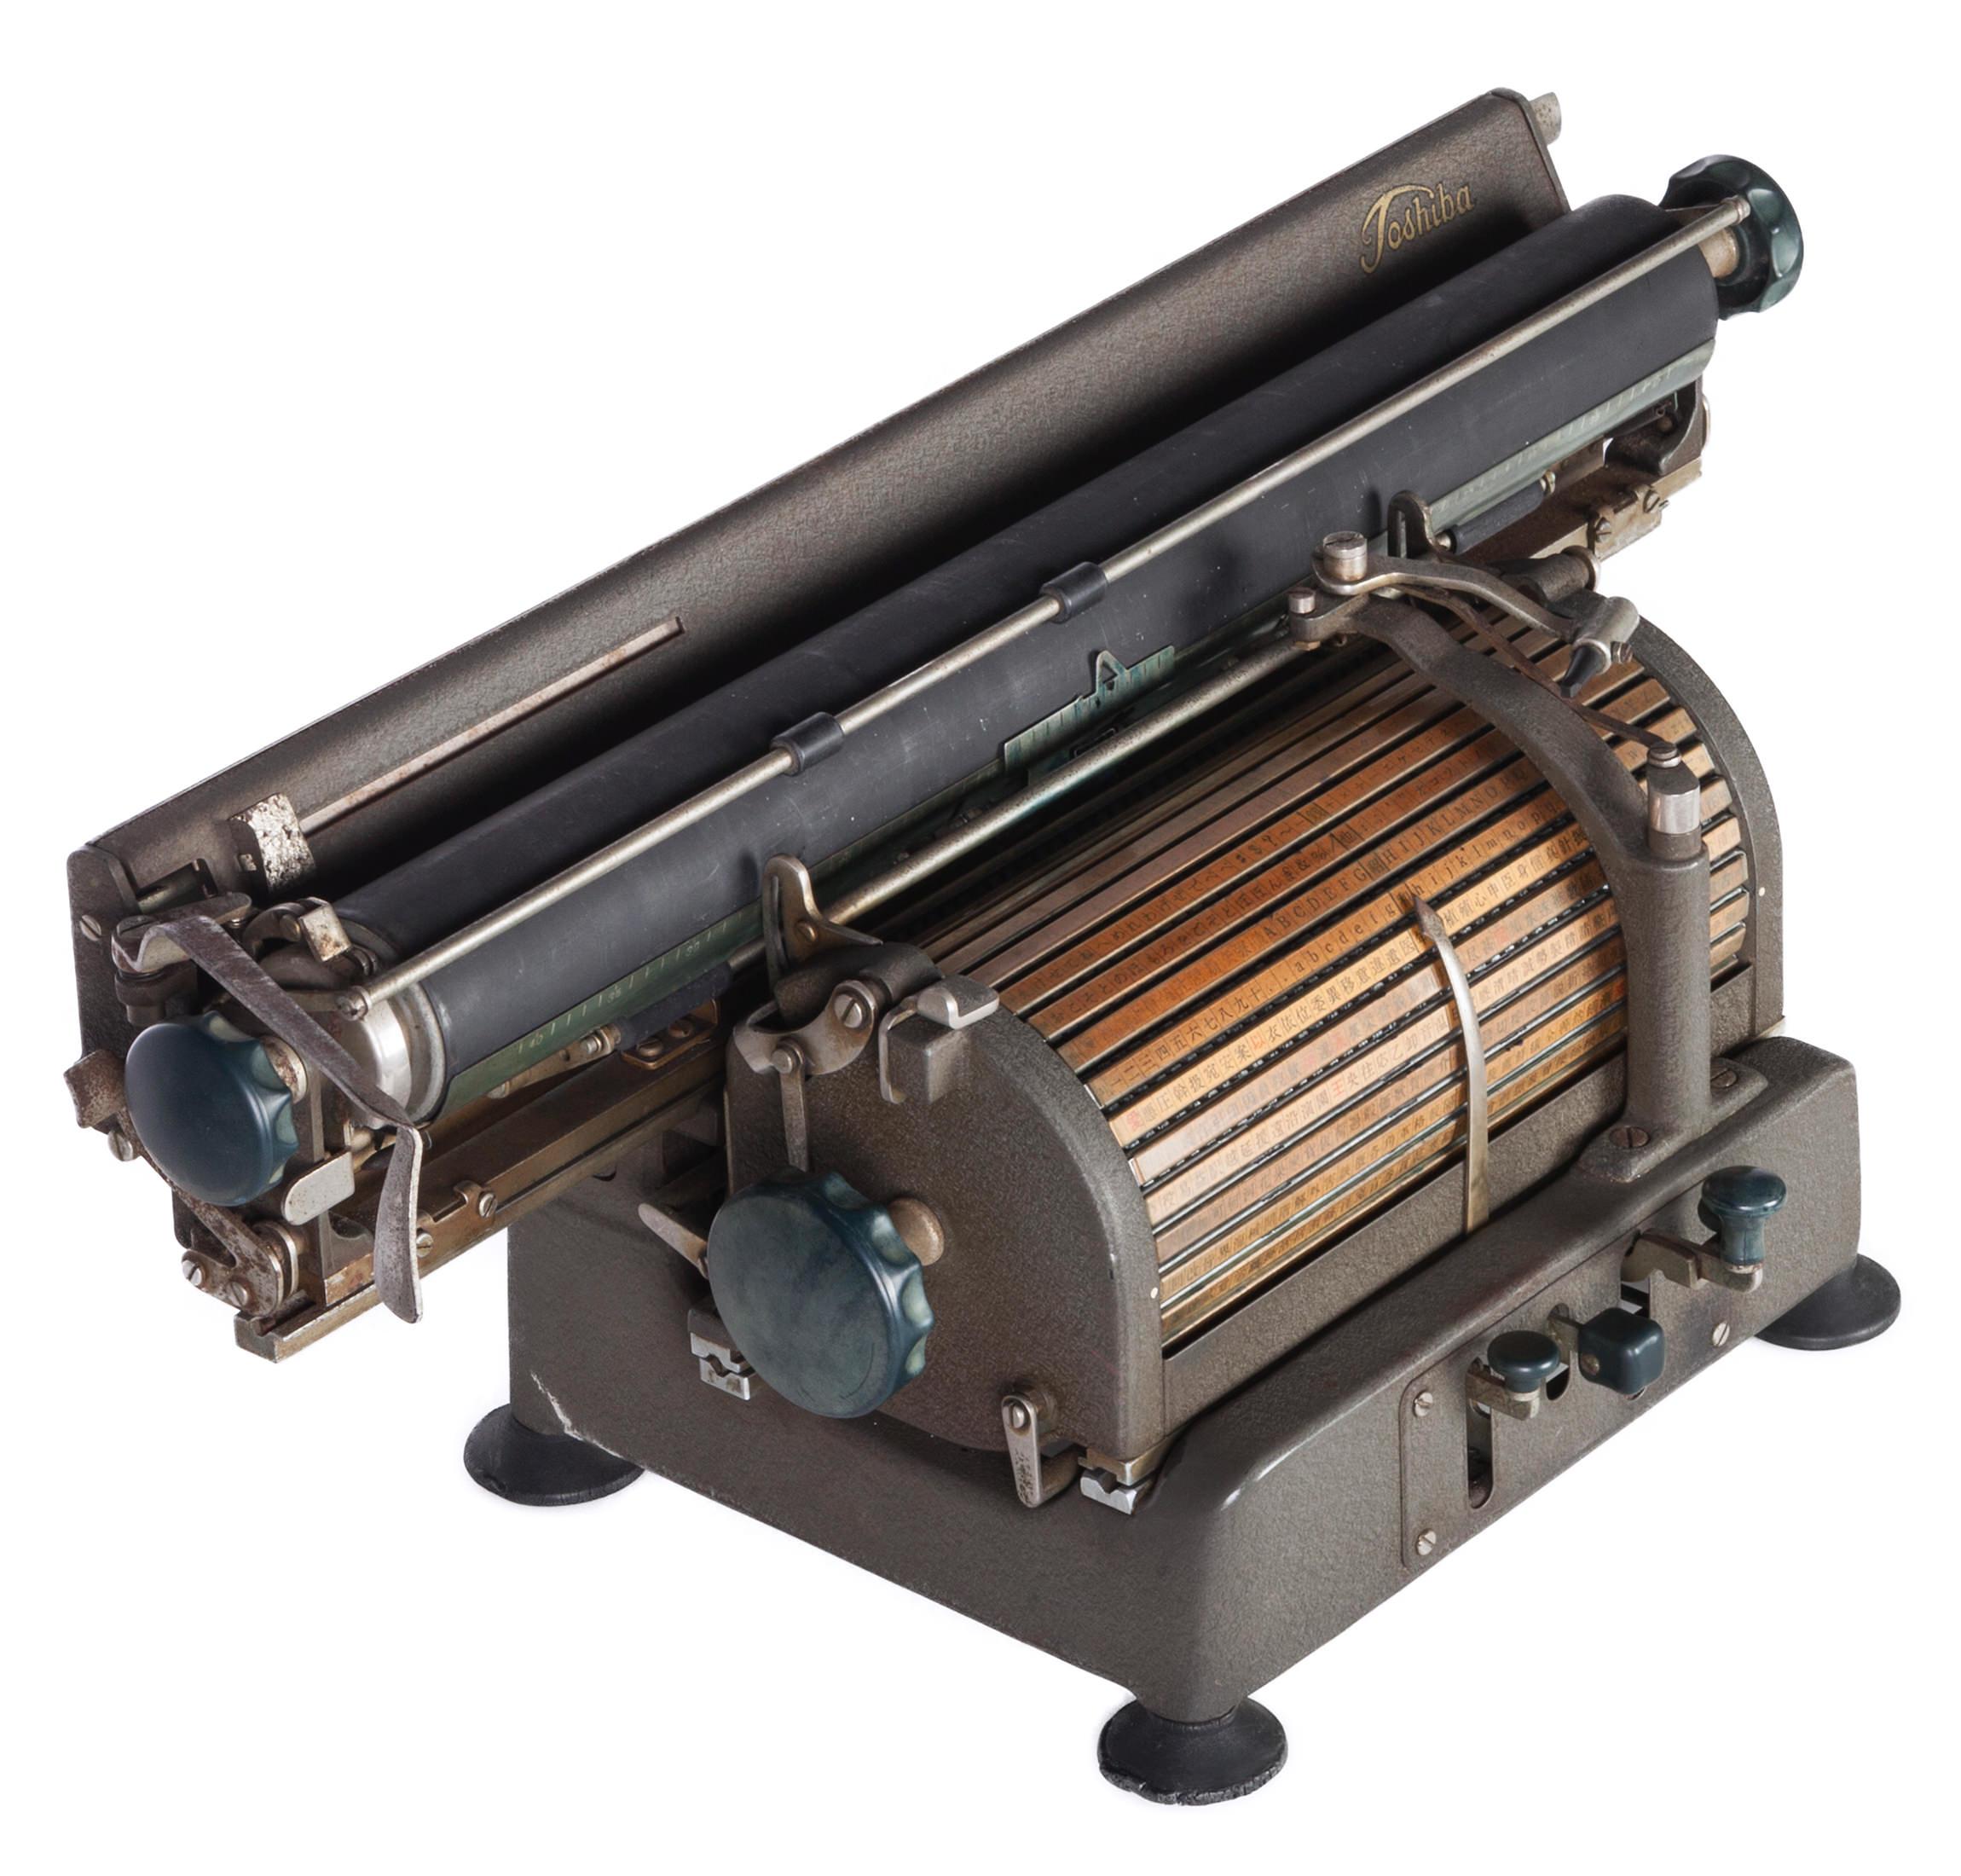 Toshiba 1400 FL Typewriter, 1940